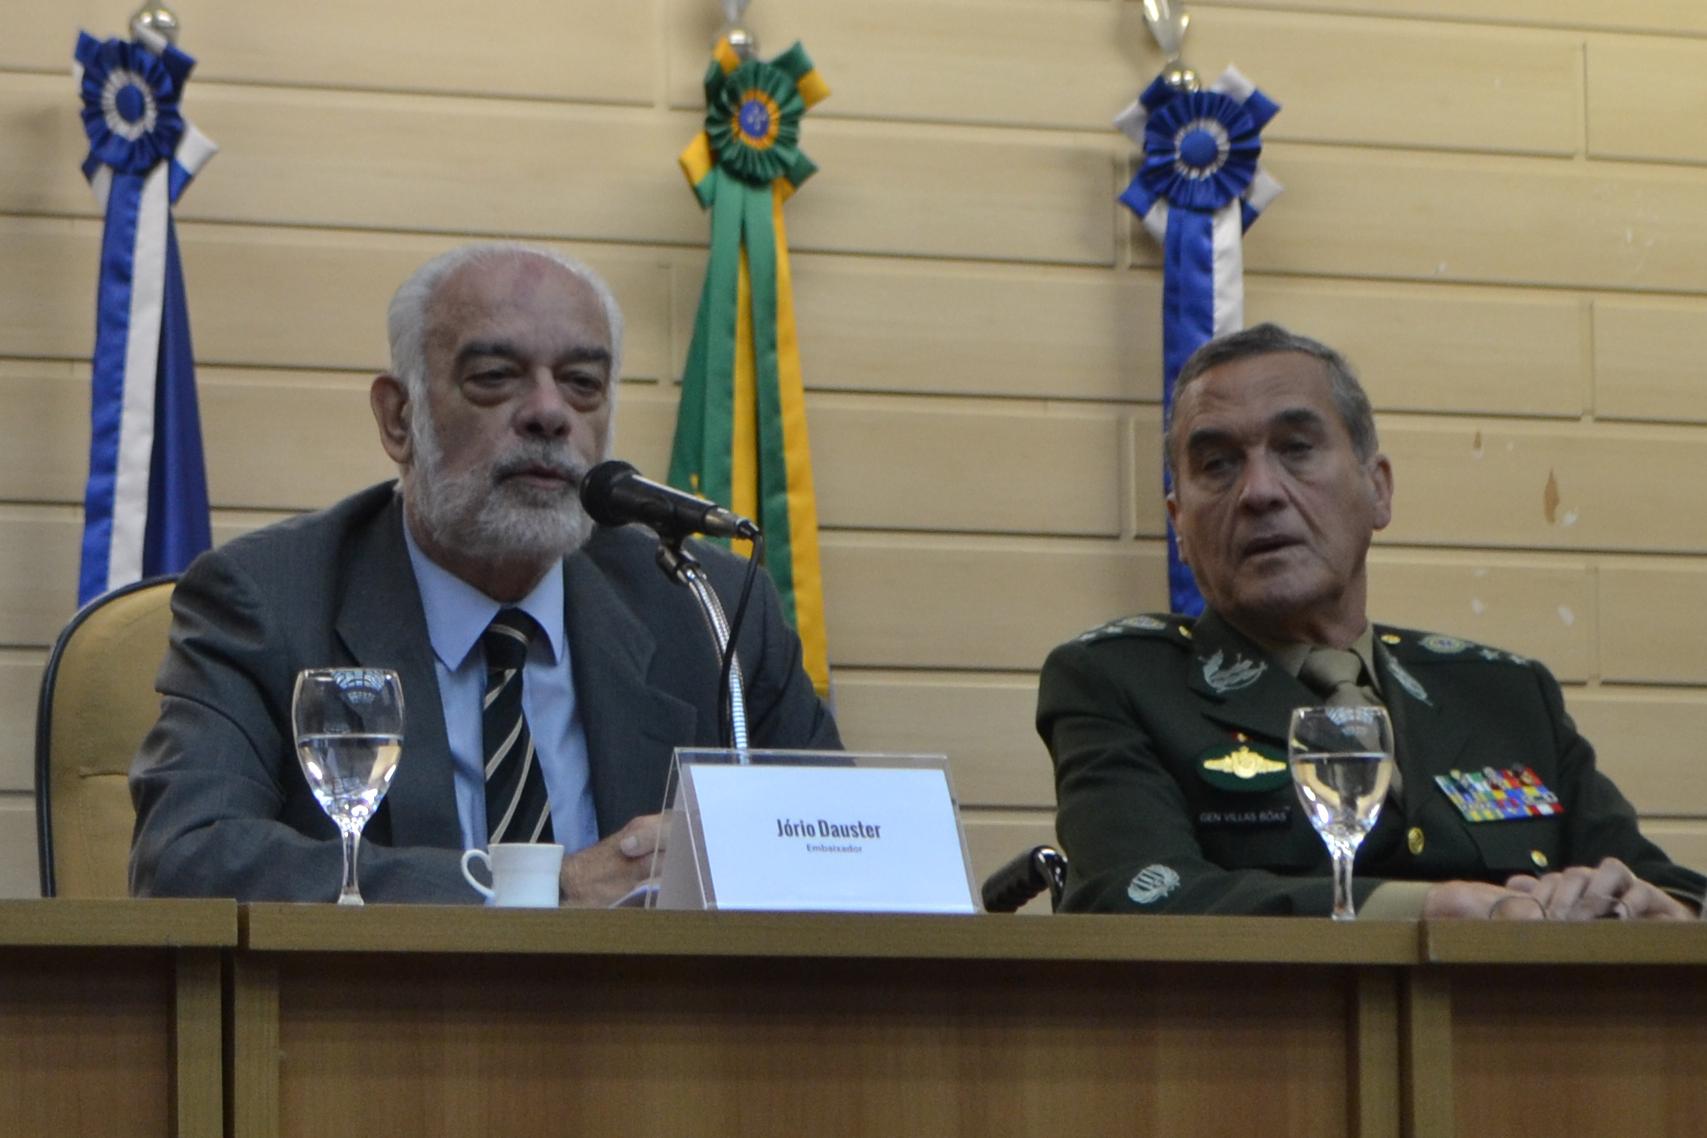 Seminário dos 20 anos da Revista Insight-Inteligência discute os desafios do Brasil